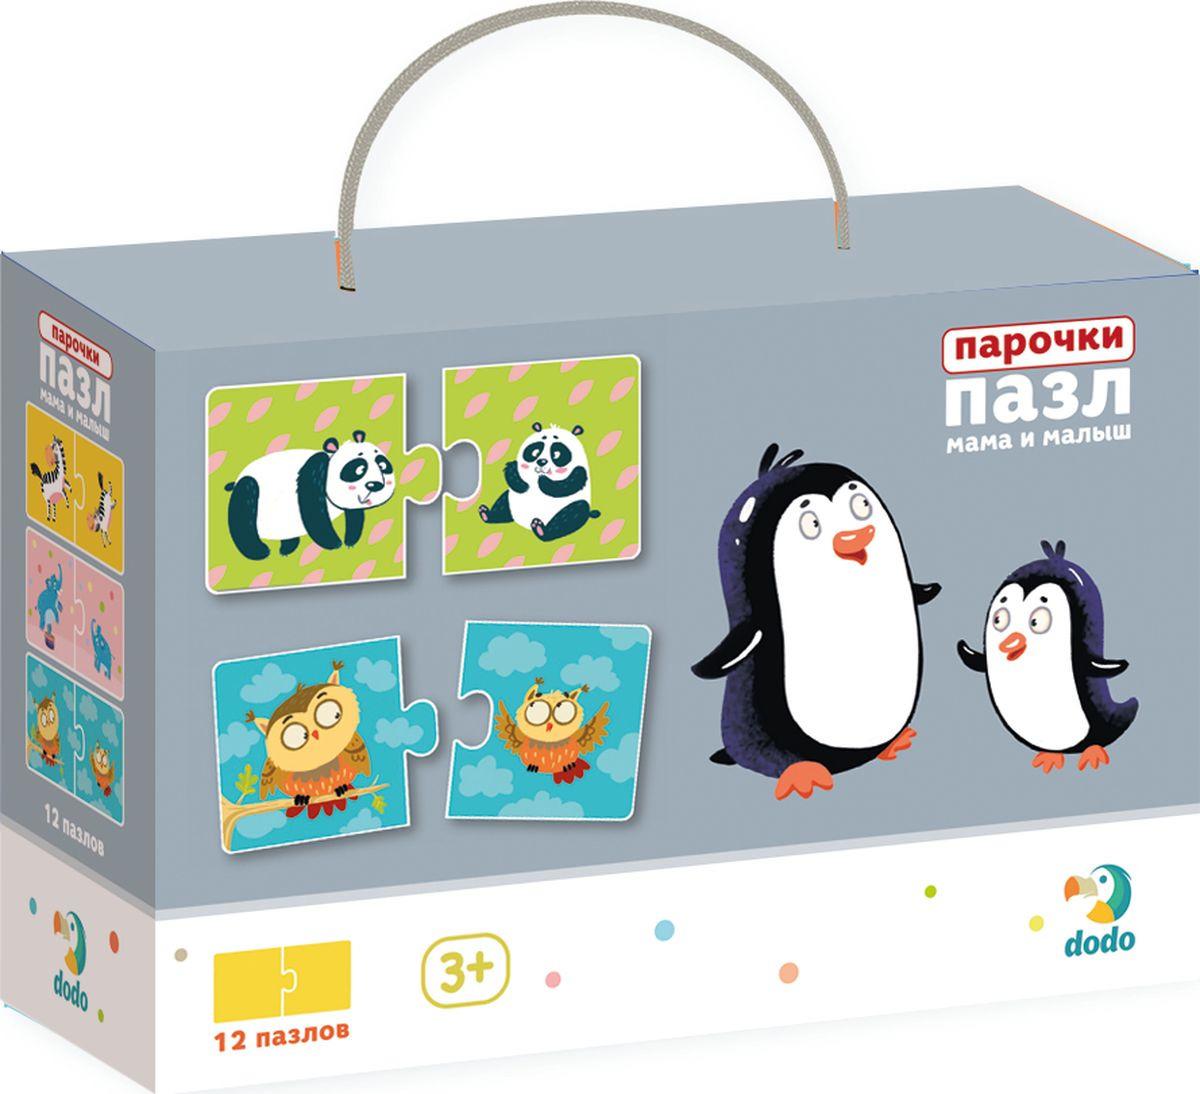 Пазл для малышей Dodo Пазлы-парочки Мама и малыш, R300150, 24 элемента пазл для малышей dodo 4в1 времена года